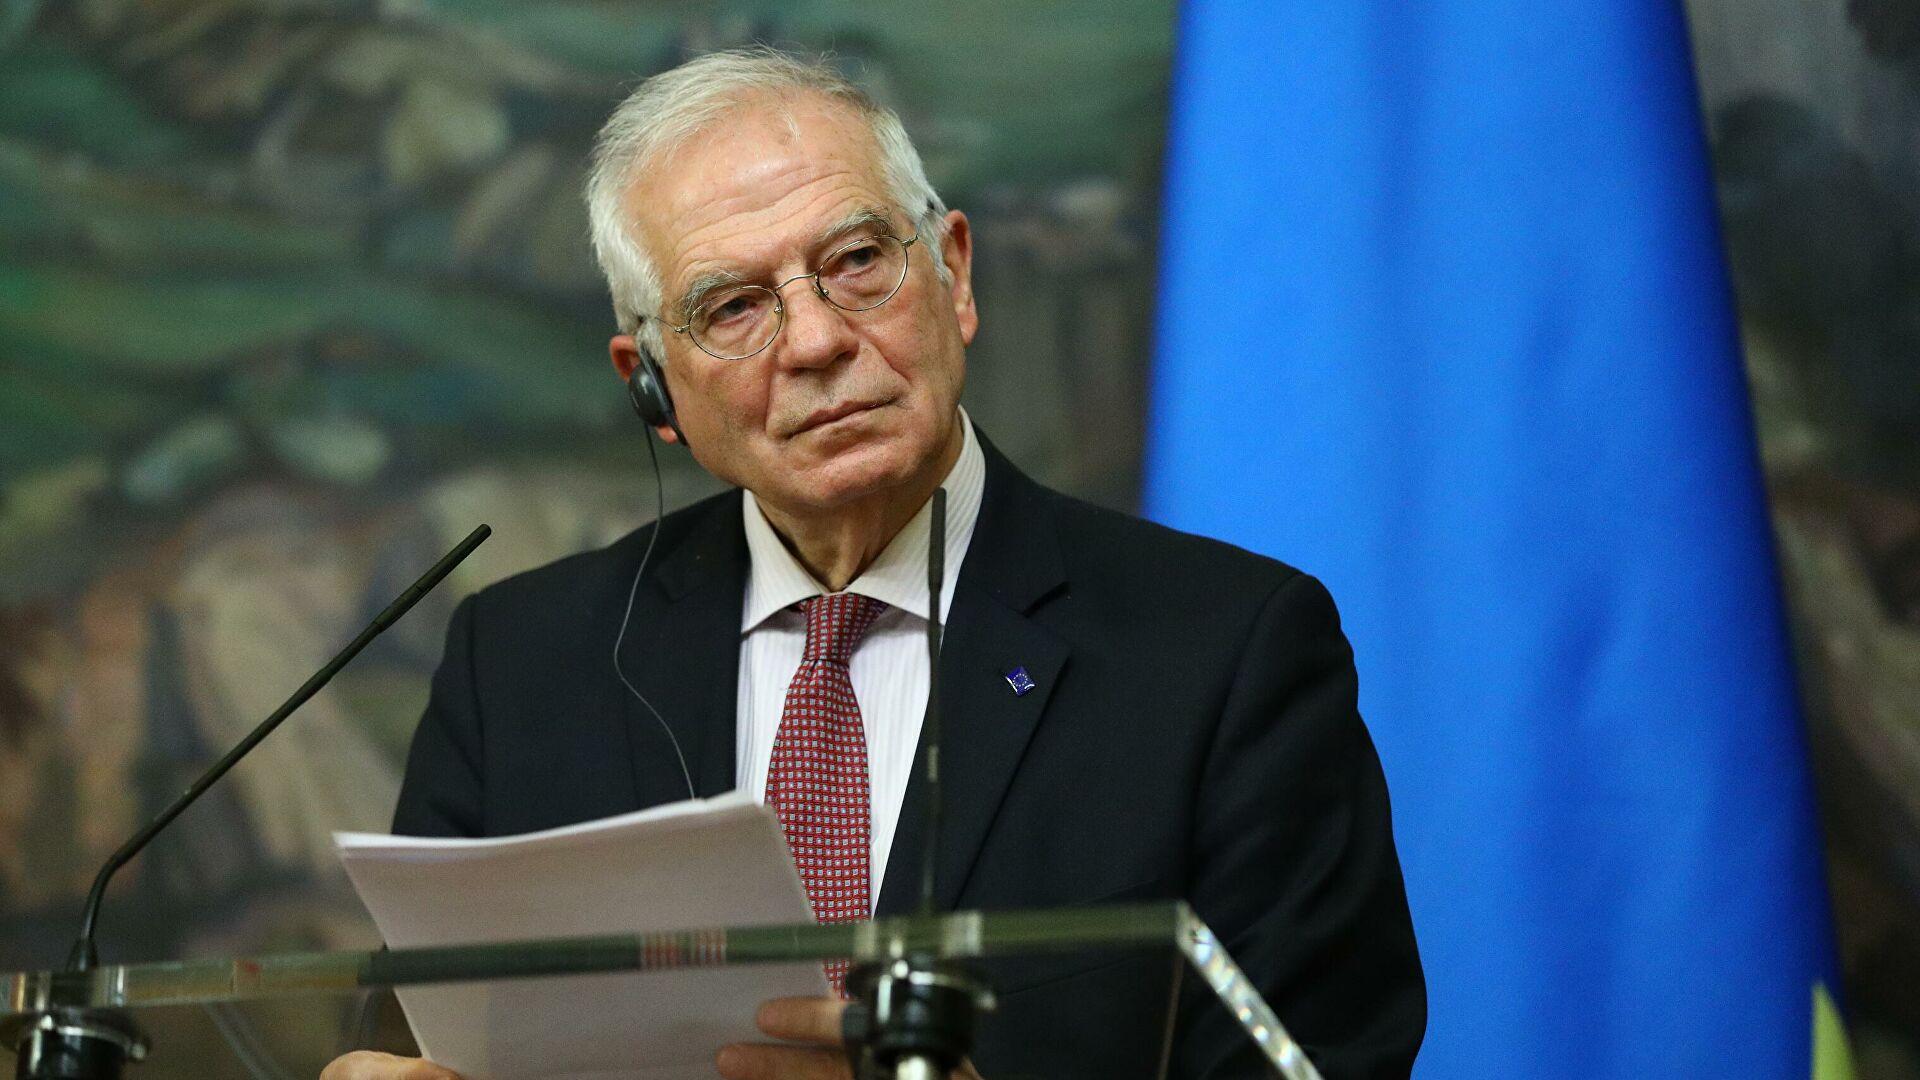 Борељ: Било би исправно укључити санкције против Русије